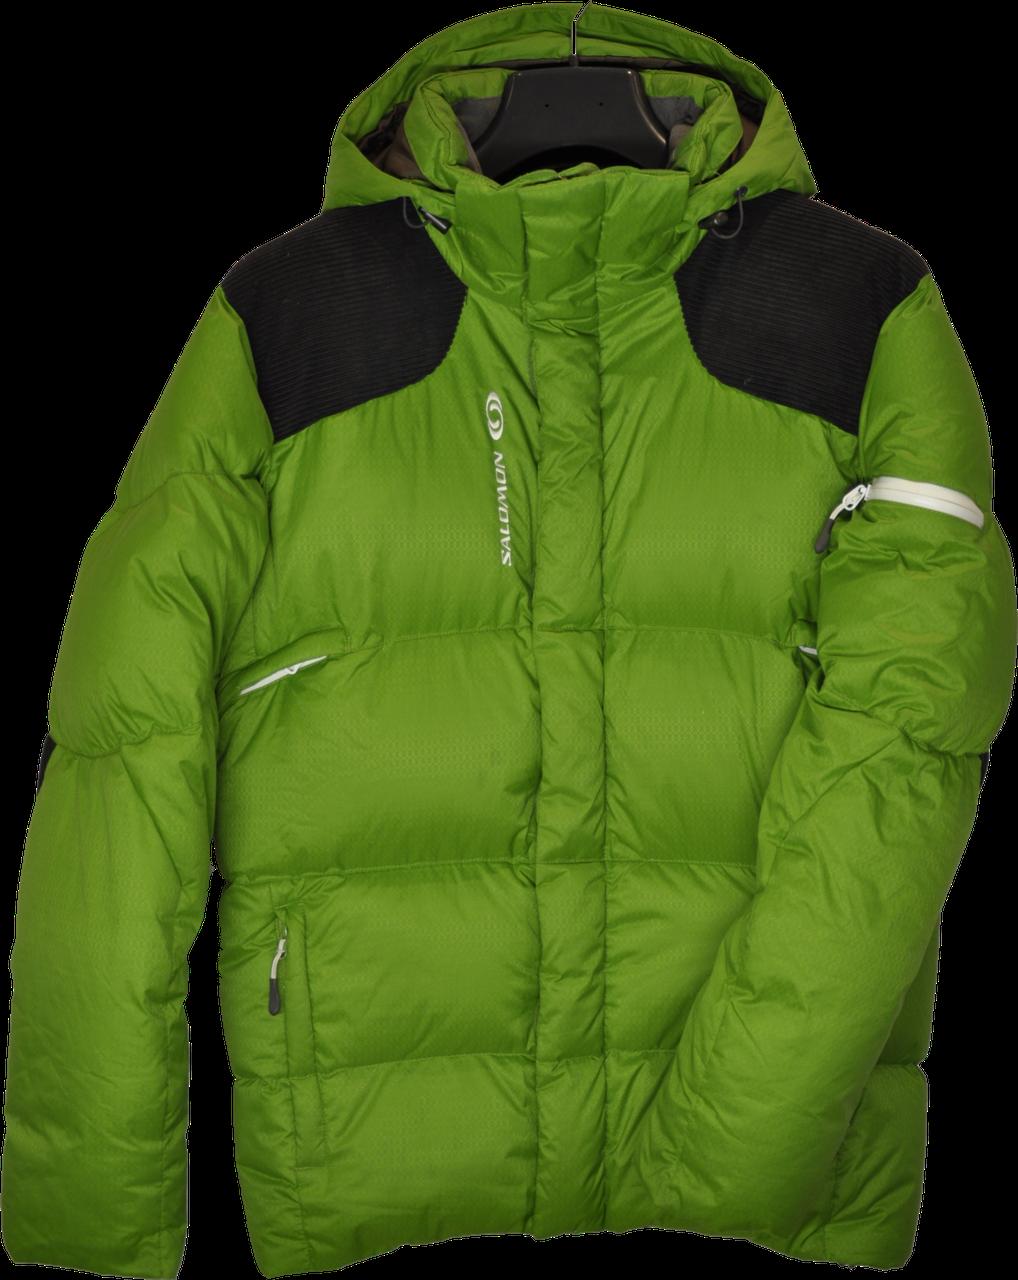 Очень теплый мужской зимний горно-лыжный пуховик Salomon.